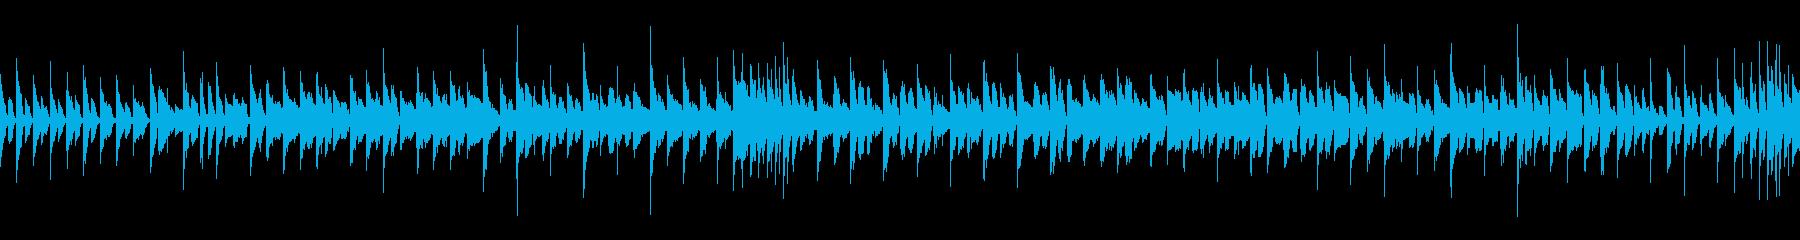 陽気なロックンロール(ループ仕様)の再生済みの波形